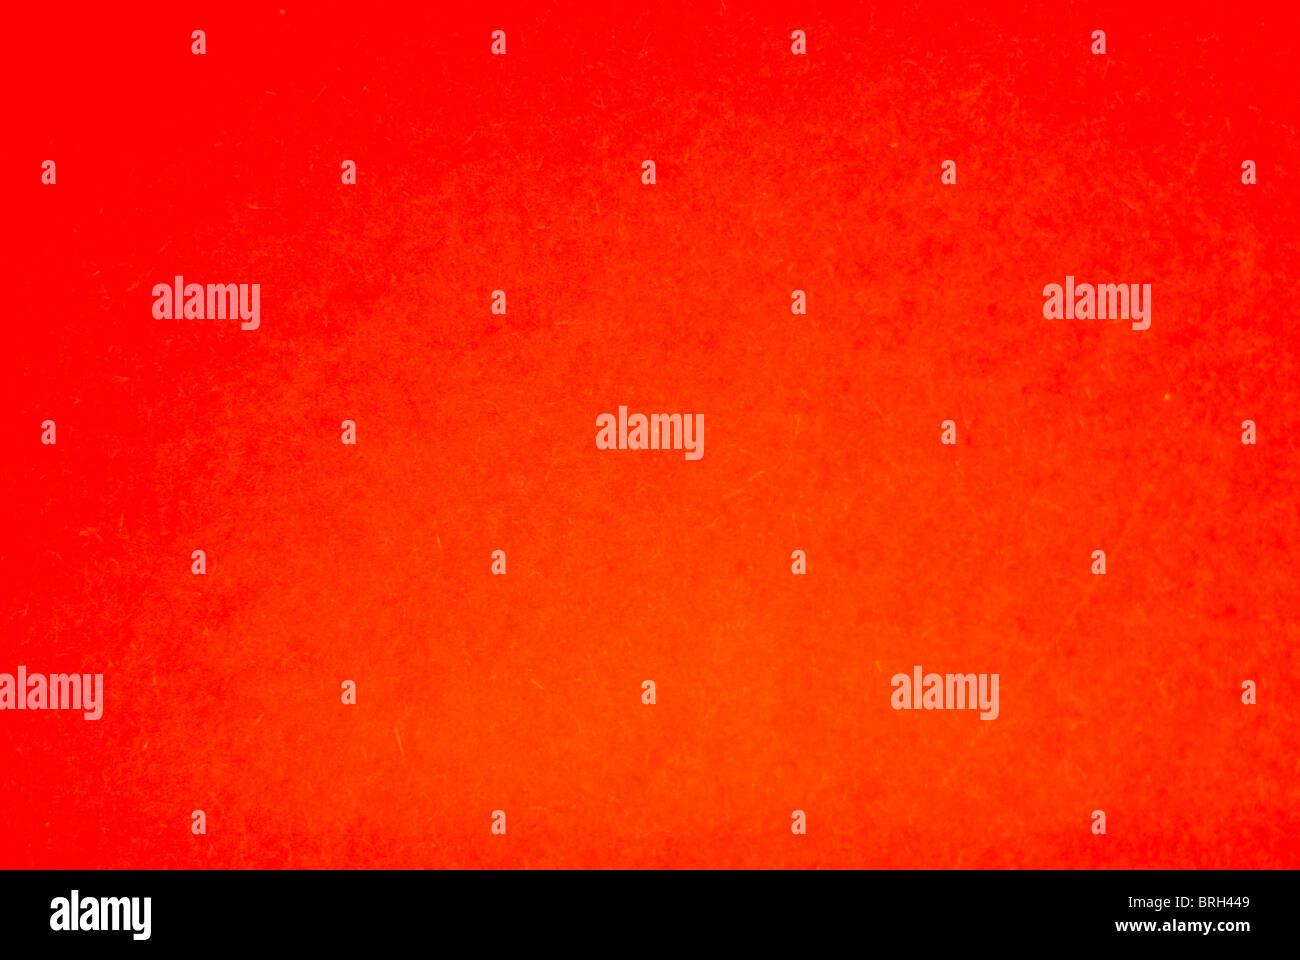 Textured sfondo rosso shot close-up su lightbox Immagini Stock